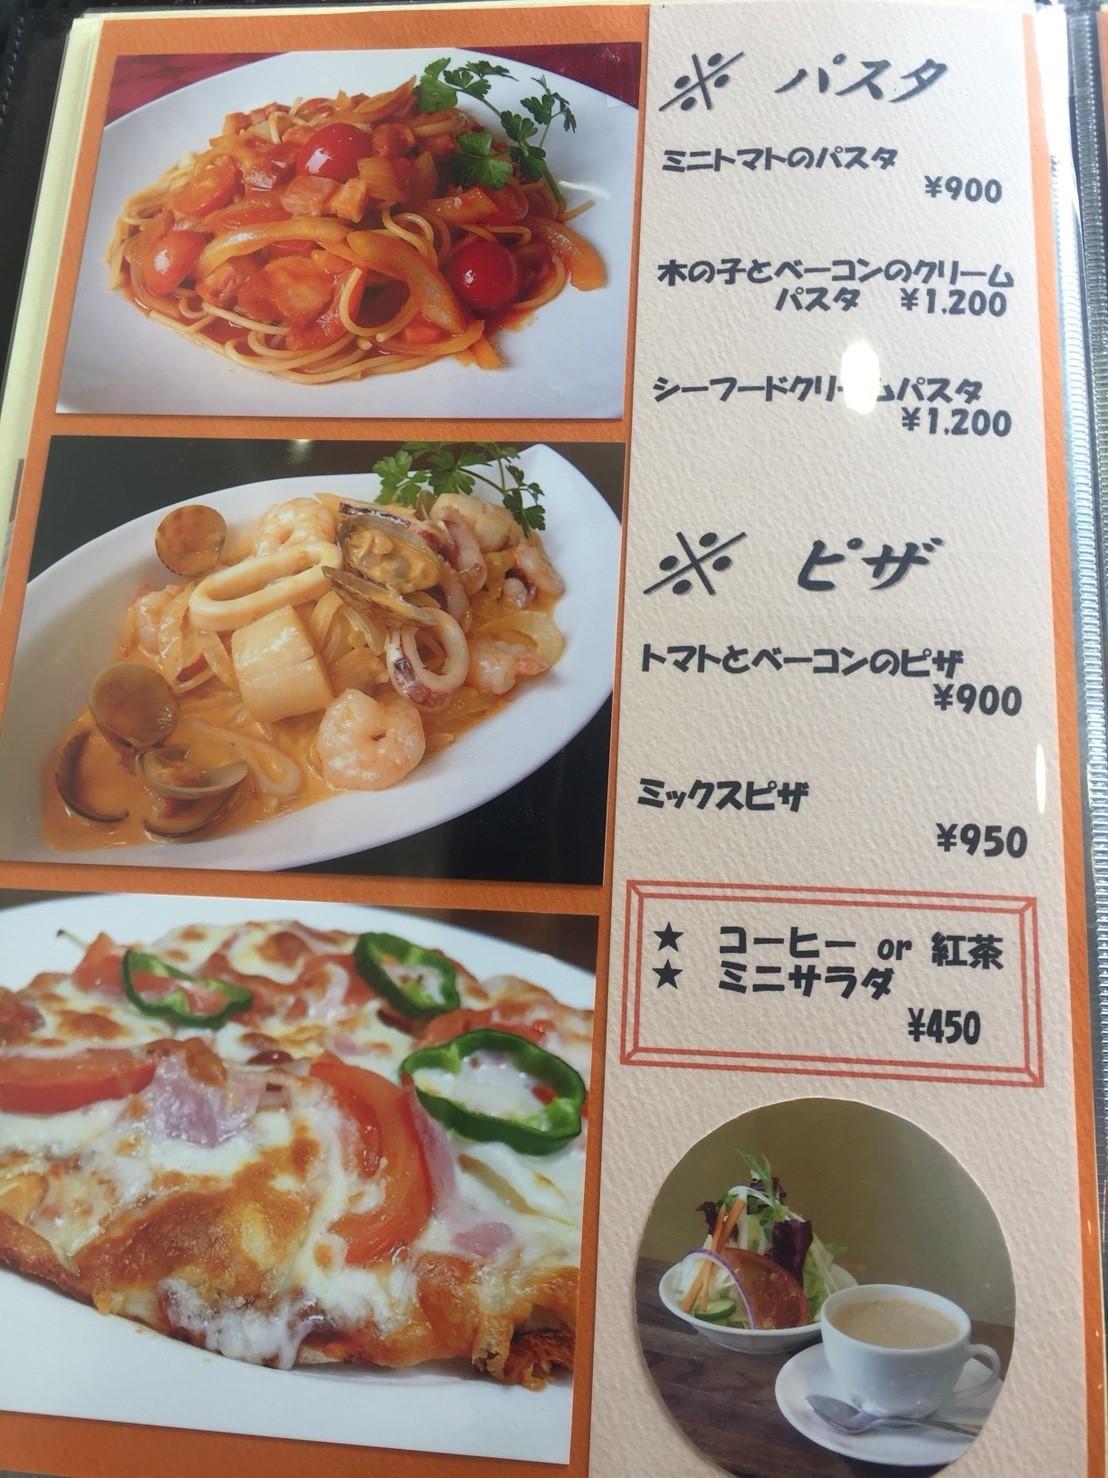 cafe & restaurant アンドリュース  ランチ  ミックスフライセット_e0115904_07102554.jpg